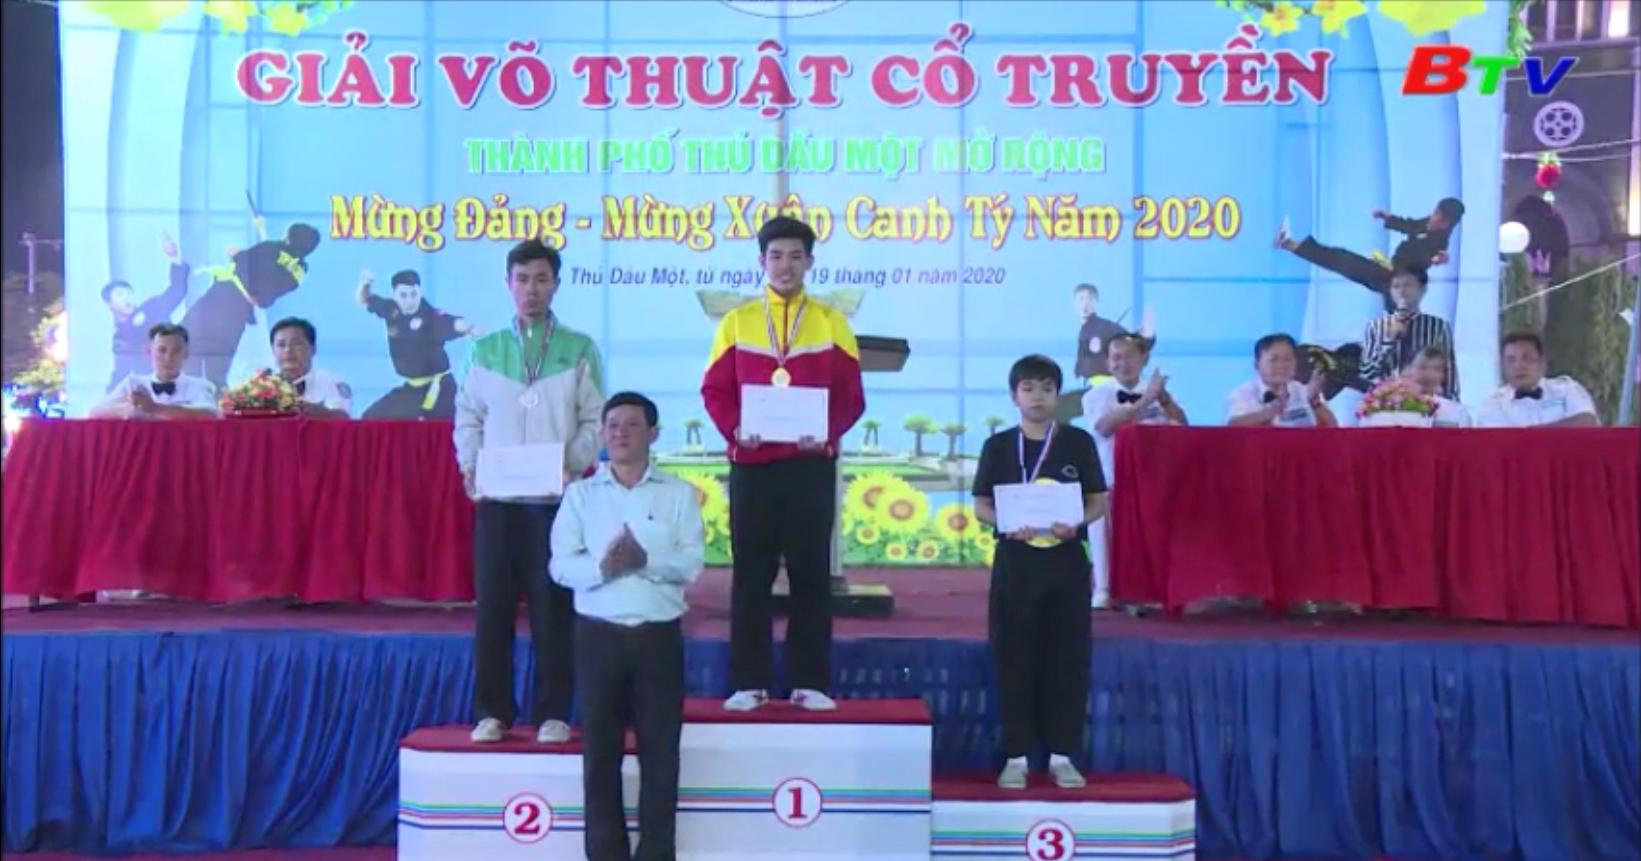 Sôi nổi Giải võ thuật cổ truyền TP. Thủ Dầu Một mở rộng Mừng Đảng, Mừng Xuân 2020